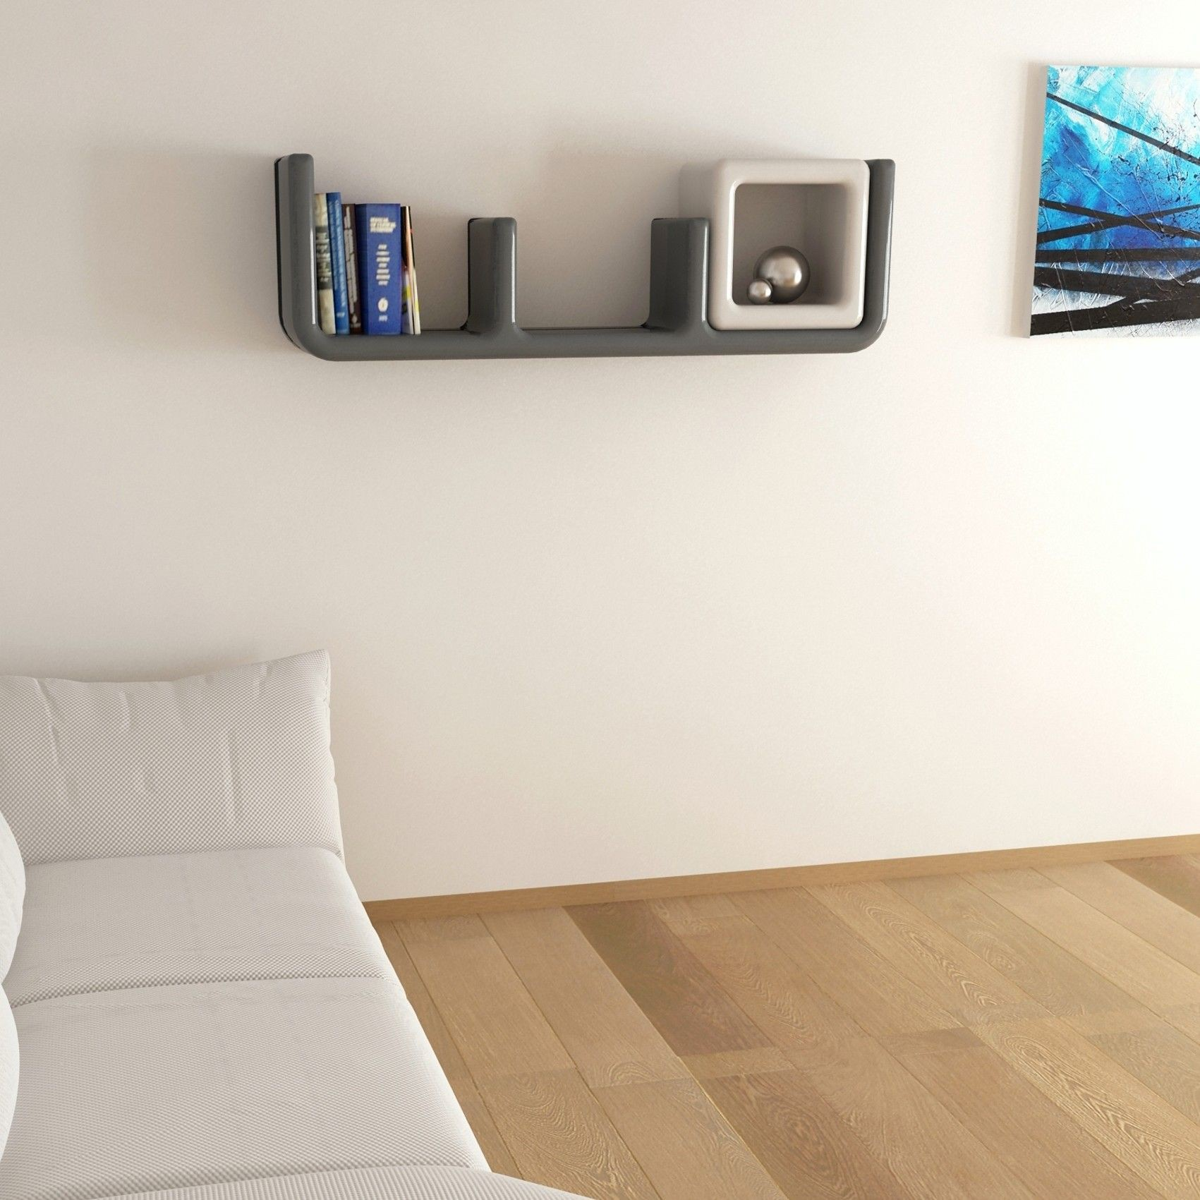 Atlante mensola da parete design in adamantx 150 cm - Mensole da parete design ...